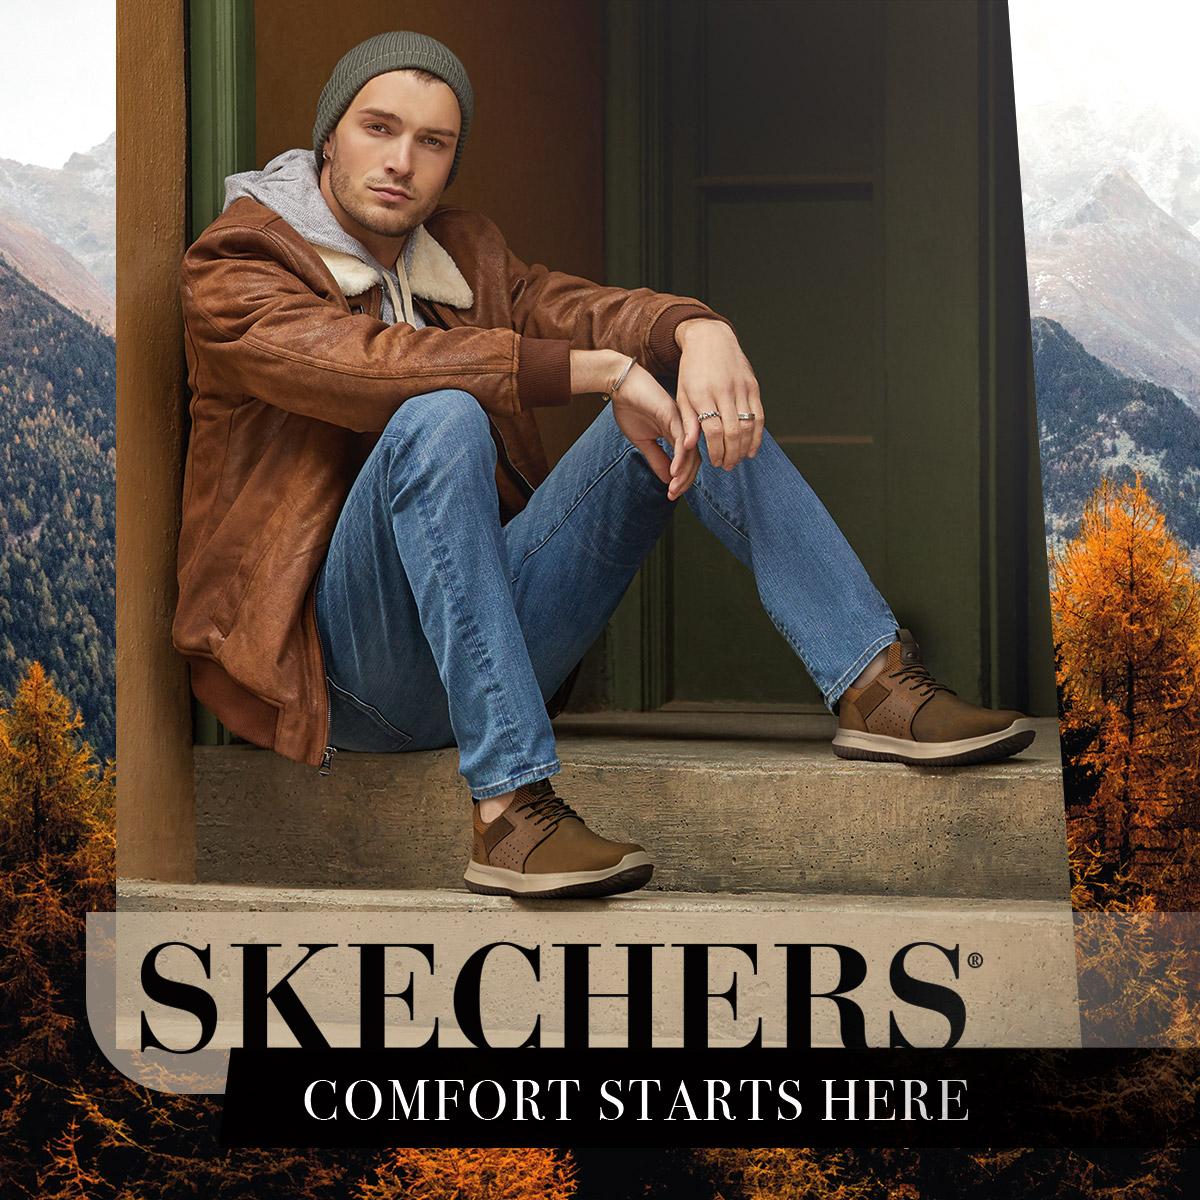 SKECHERS FOR MEN